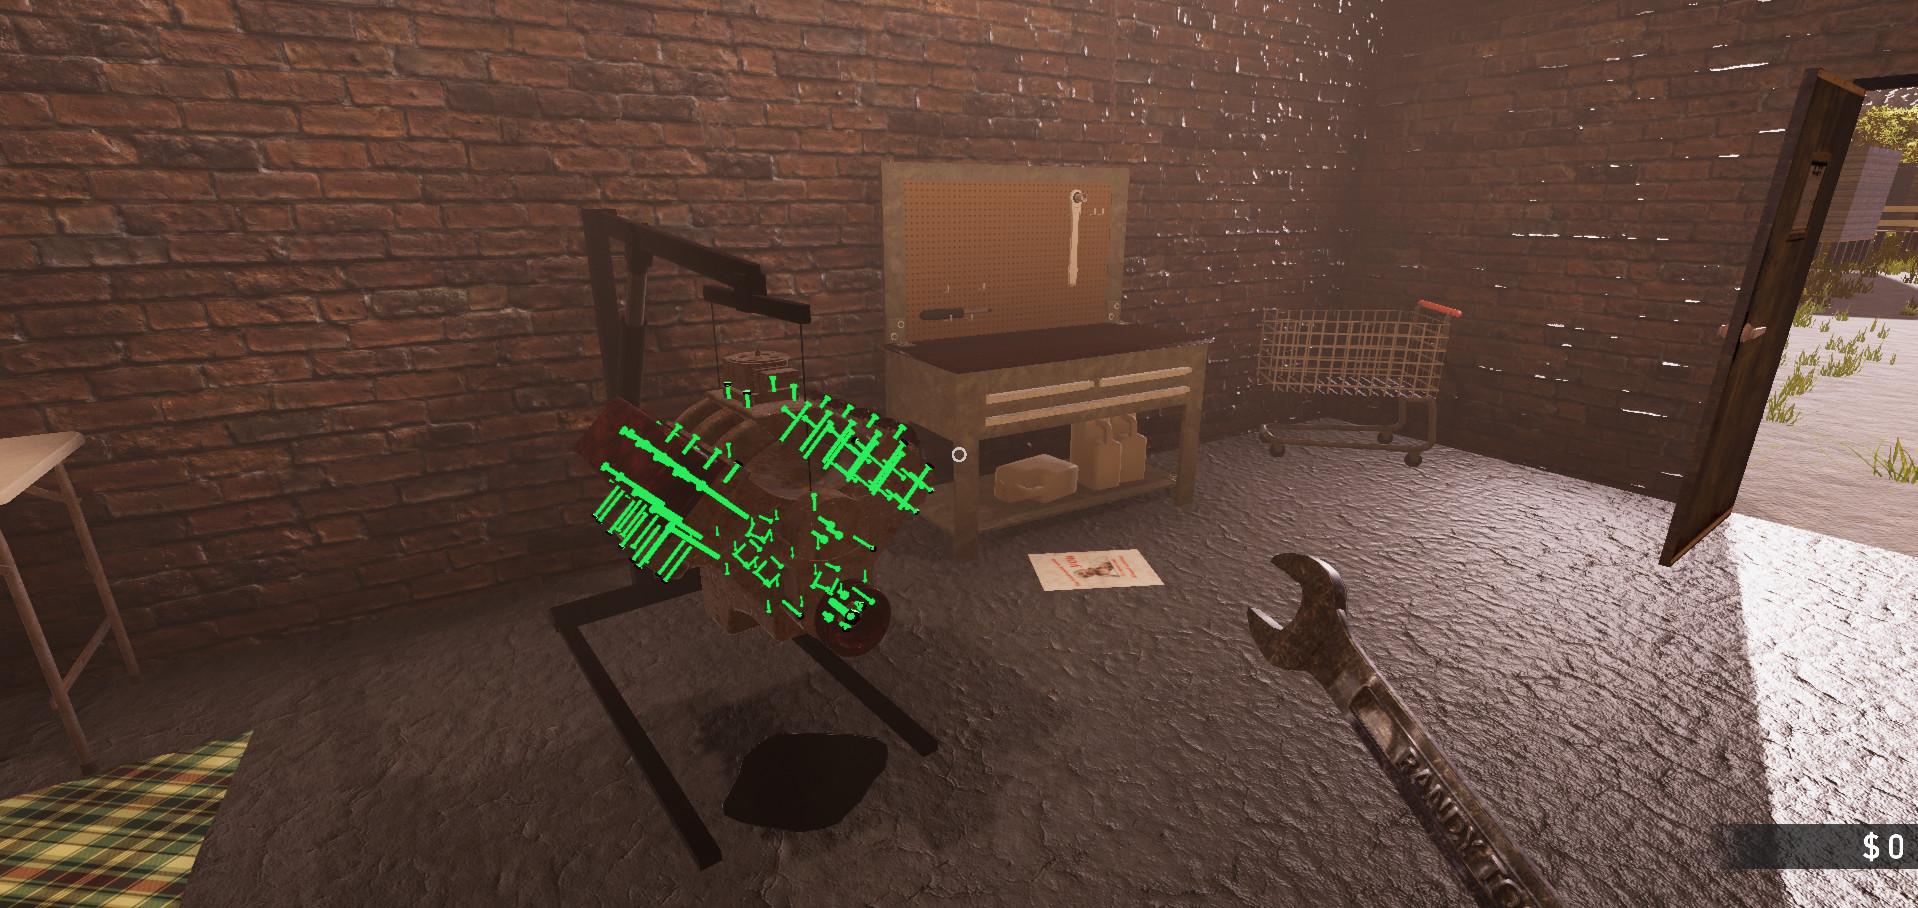 Trailer park mechanic screenshot